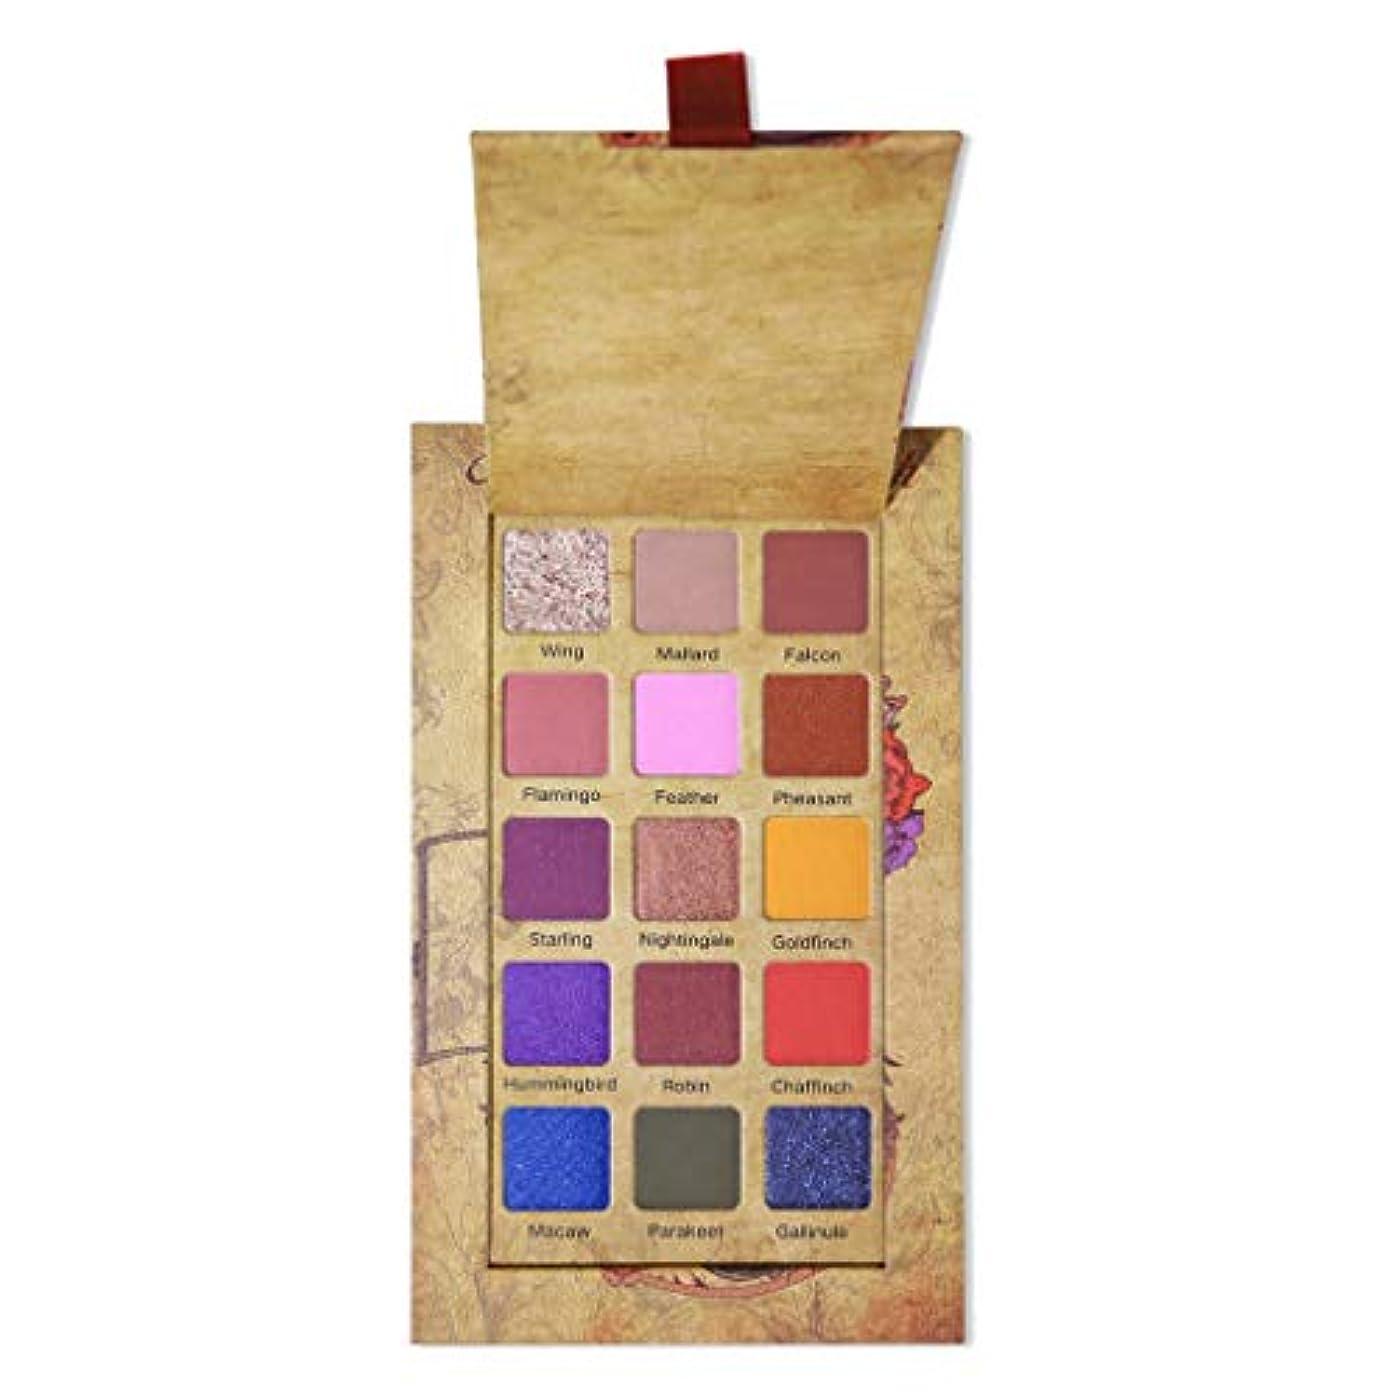 グッゲンハイム美術館道路エキスREWAGO 化粧アイシャドウパレット、高級15色きらめきグリッター防水メイクアップアイシャドウパウダーパレットシャイニングマットアイシャドウプレートアイ化粧品 (多色)